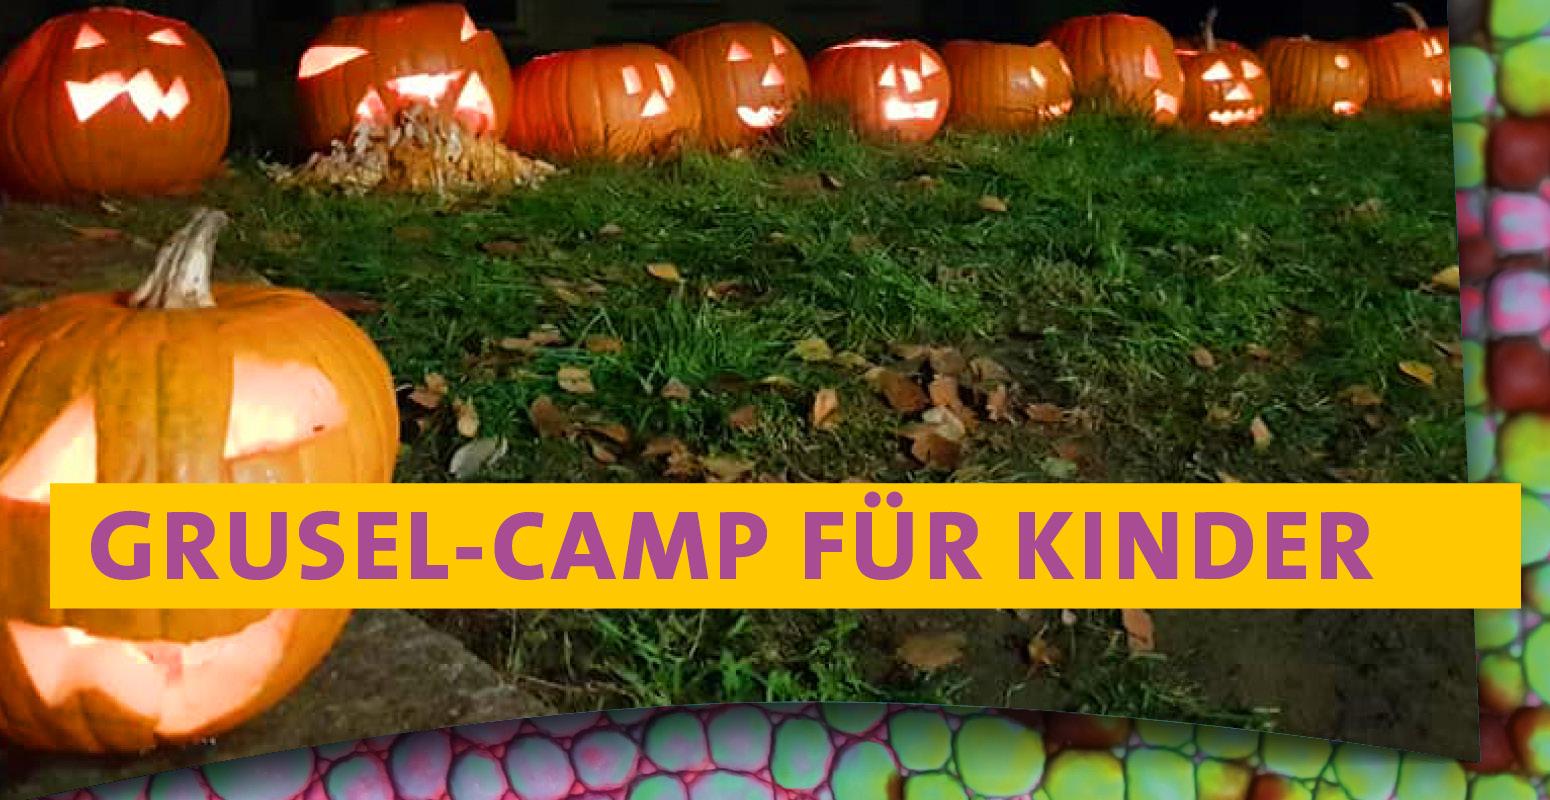 Grusel-Camp für Kinder VERSCHOBEN